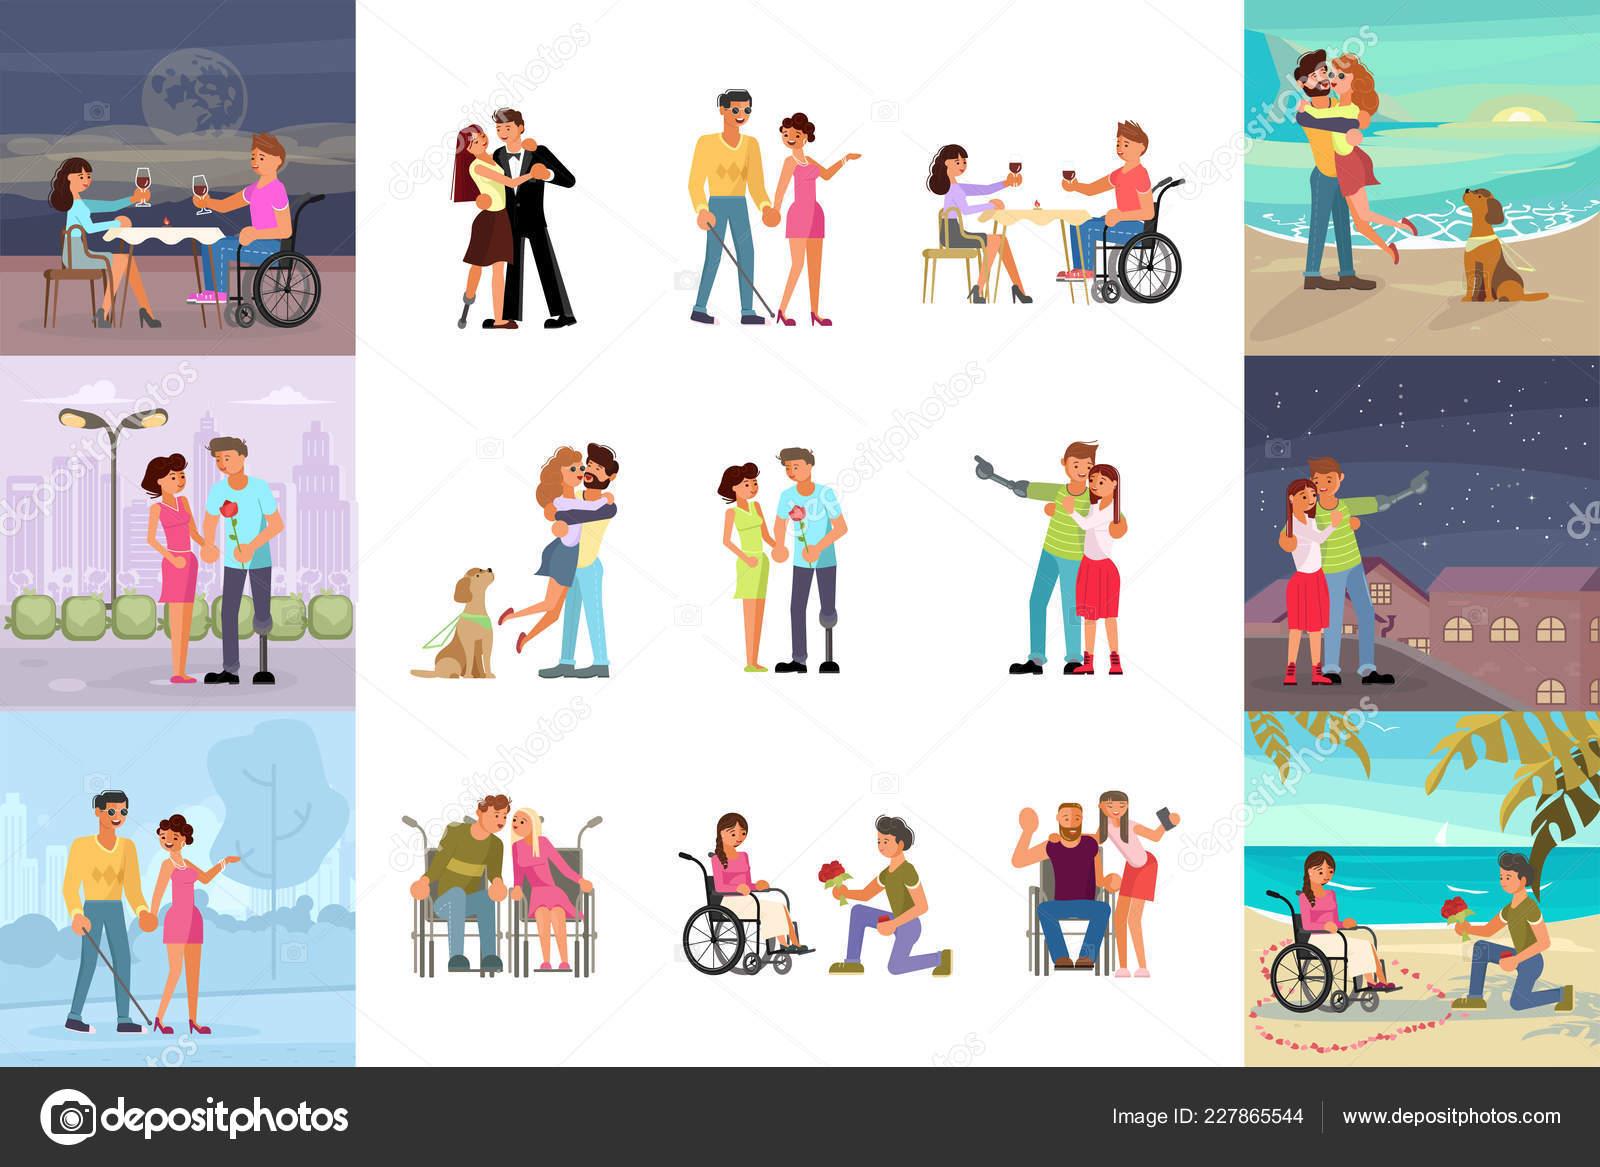 miglior sito di incontri disabili gratis uomo Capricorno dating una donna Taurus